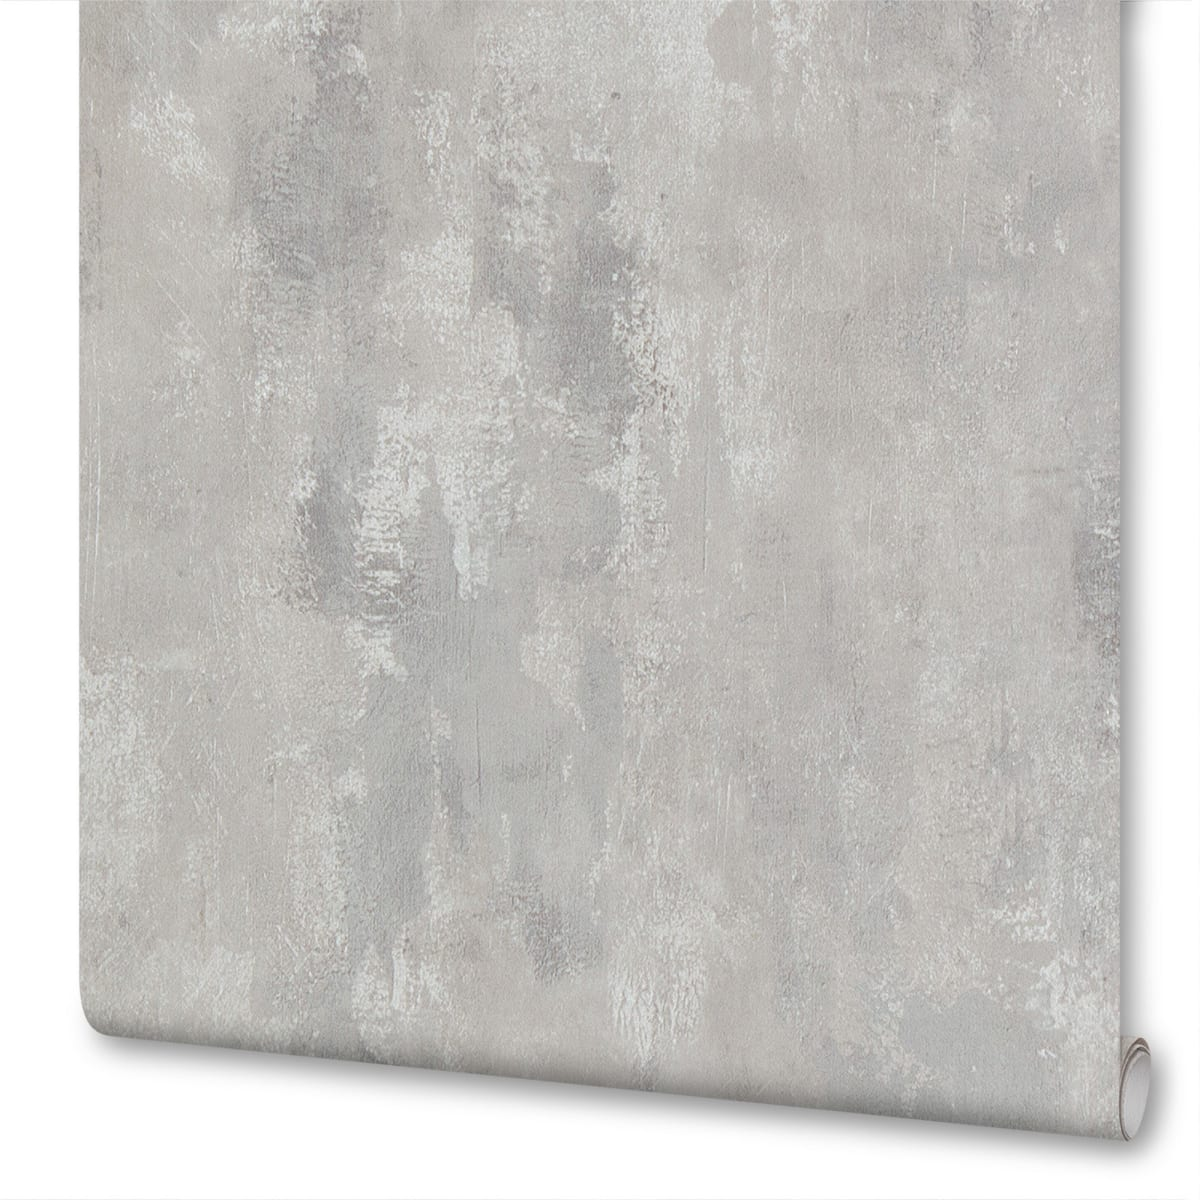 Купить обои под бетон в челябинске штукатурные растворы цементные